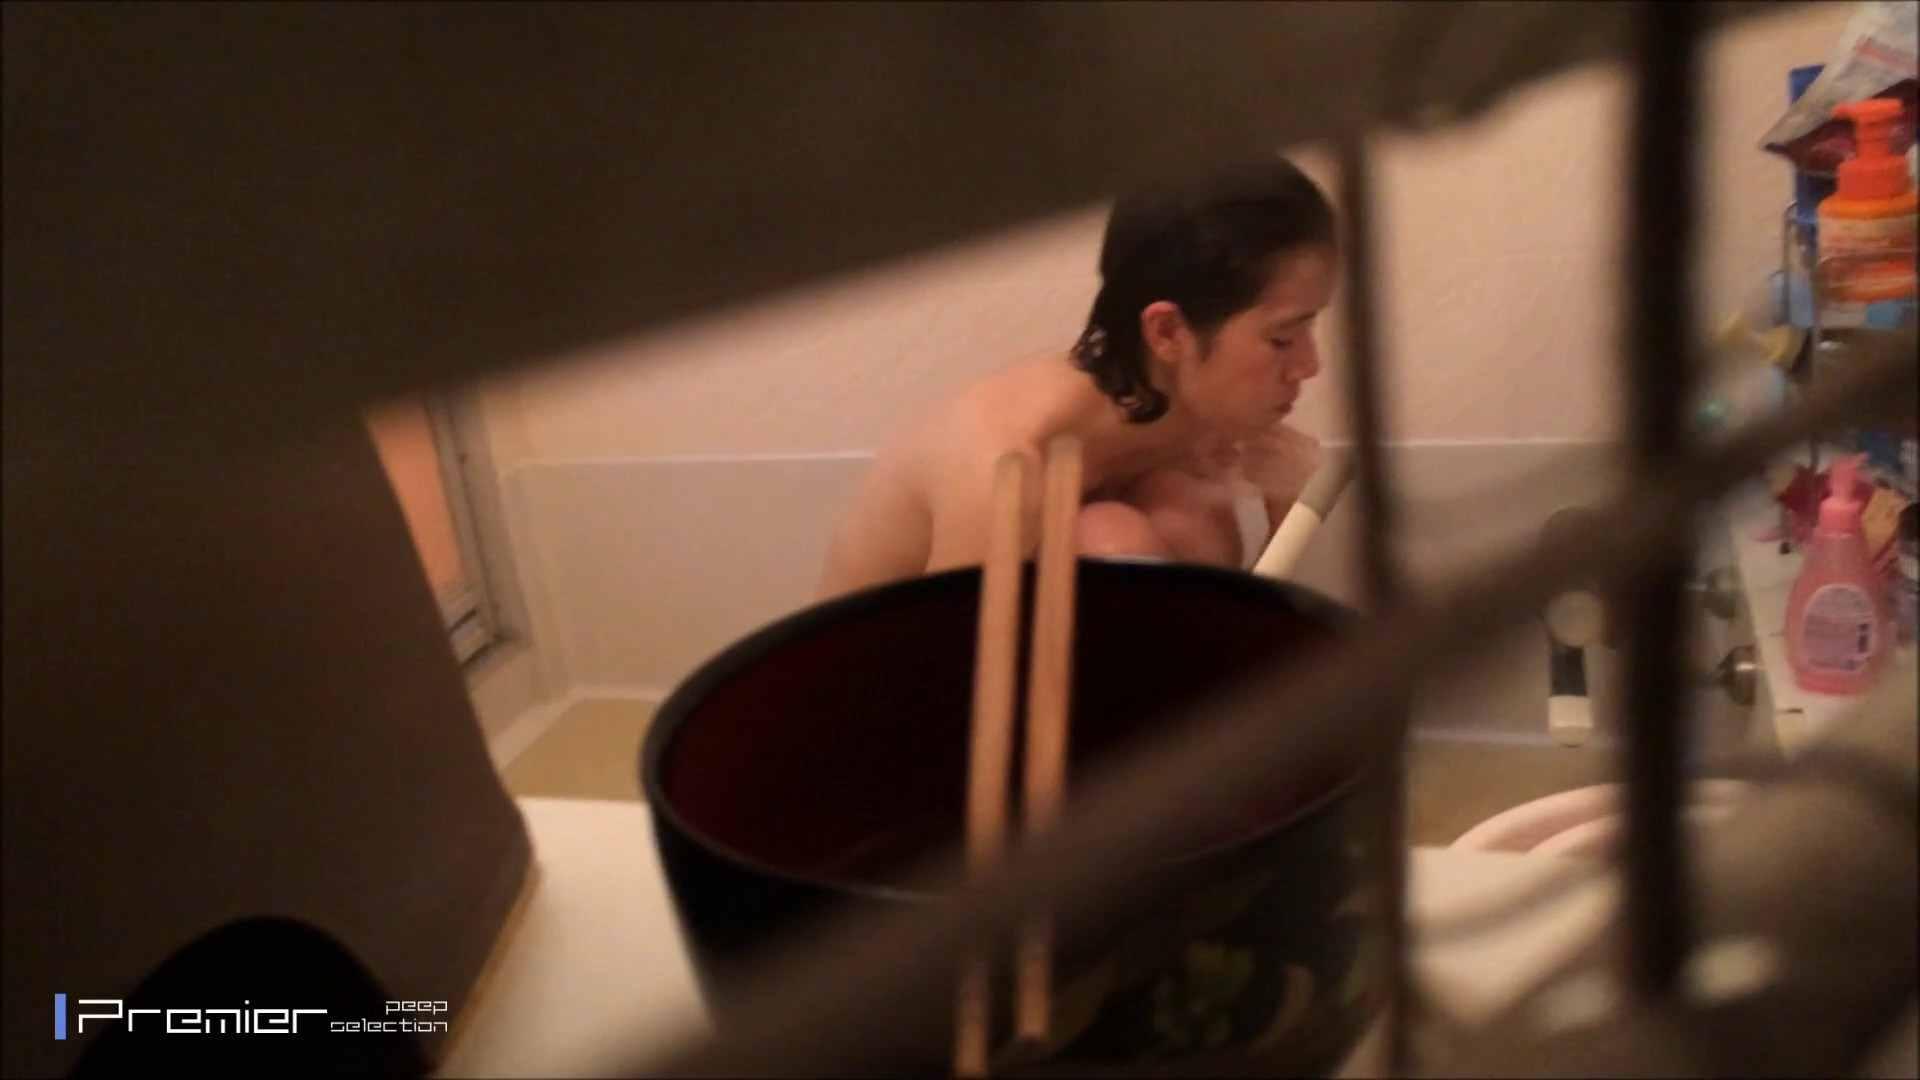 高画質フルハイビジョン スレンダー美女の入浴 乙女の風呂場 Vol.04 桃色乳首 | 美女H映像  84画像 64